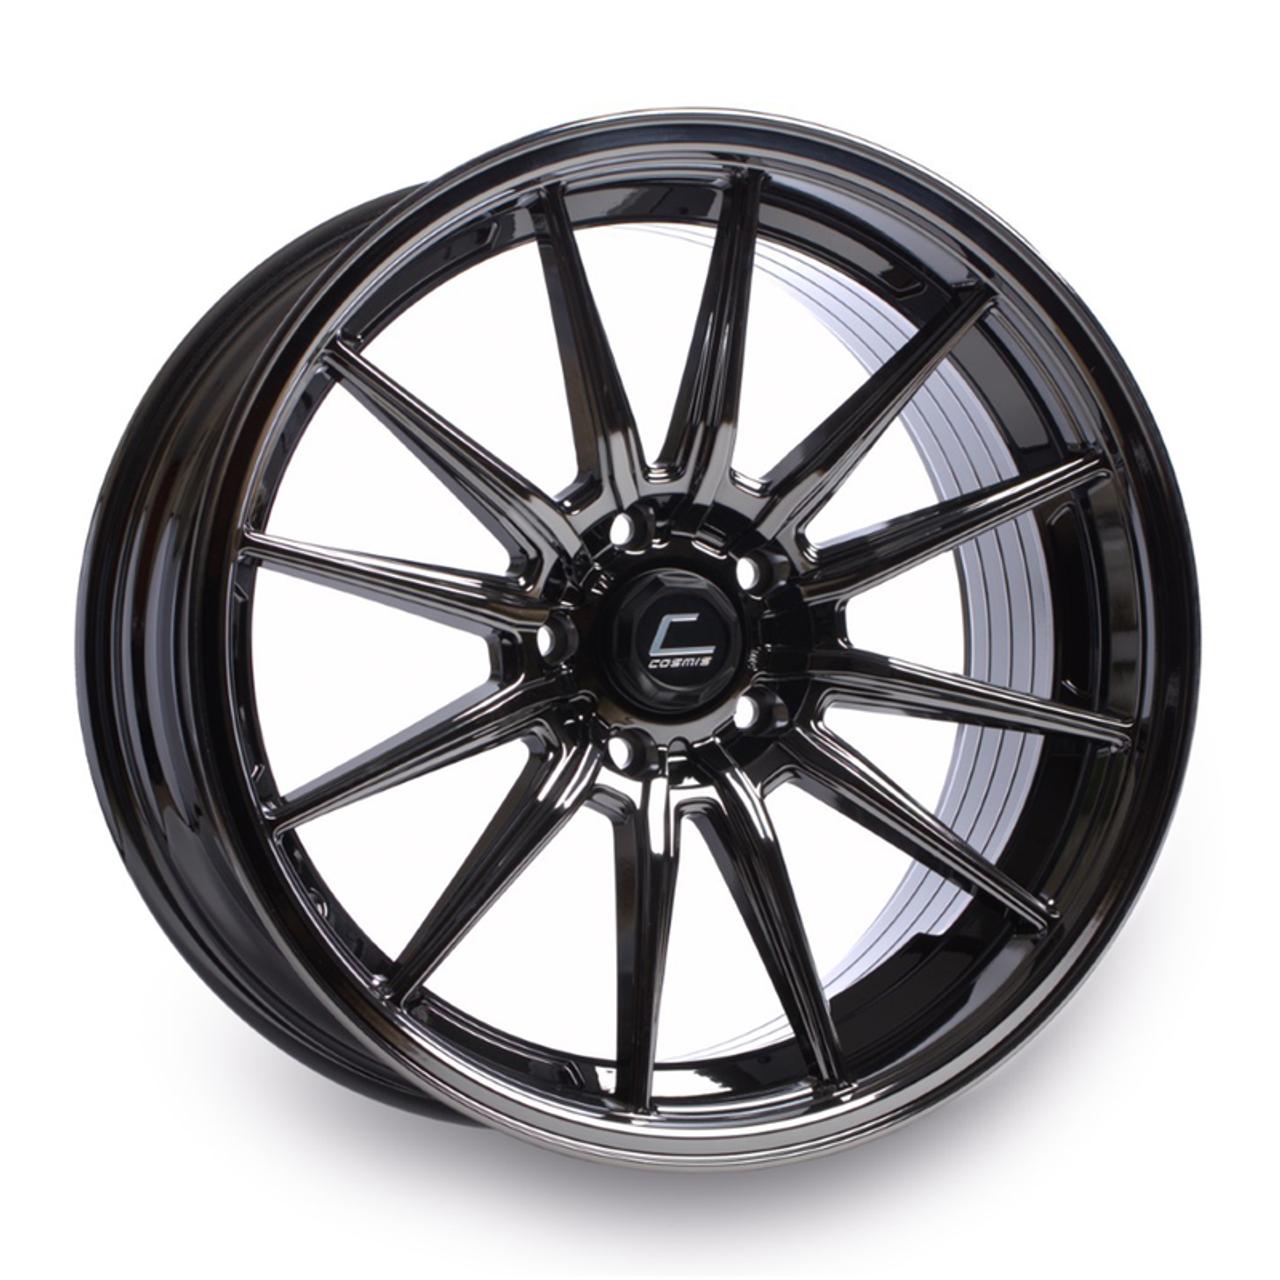 R1 Wheels